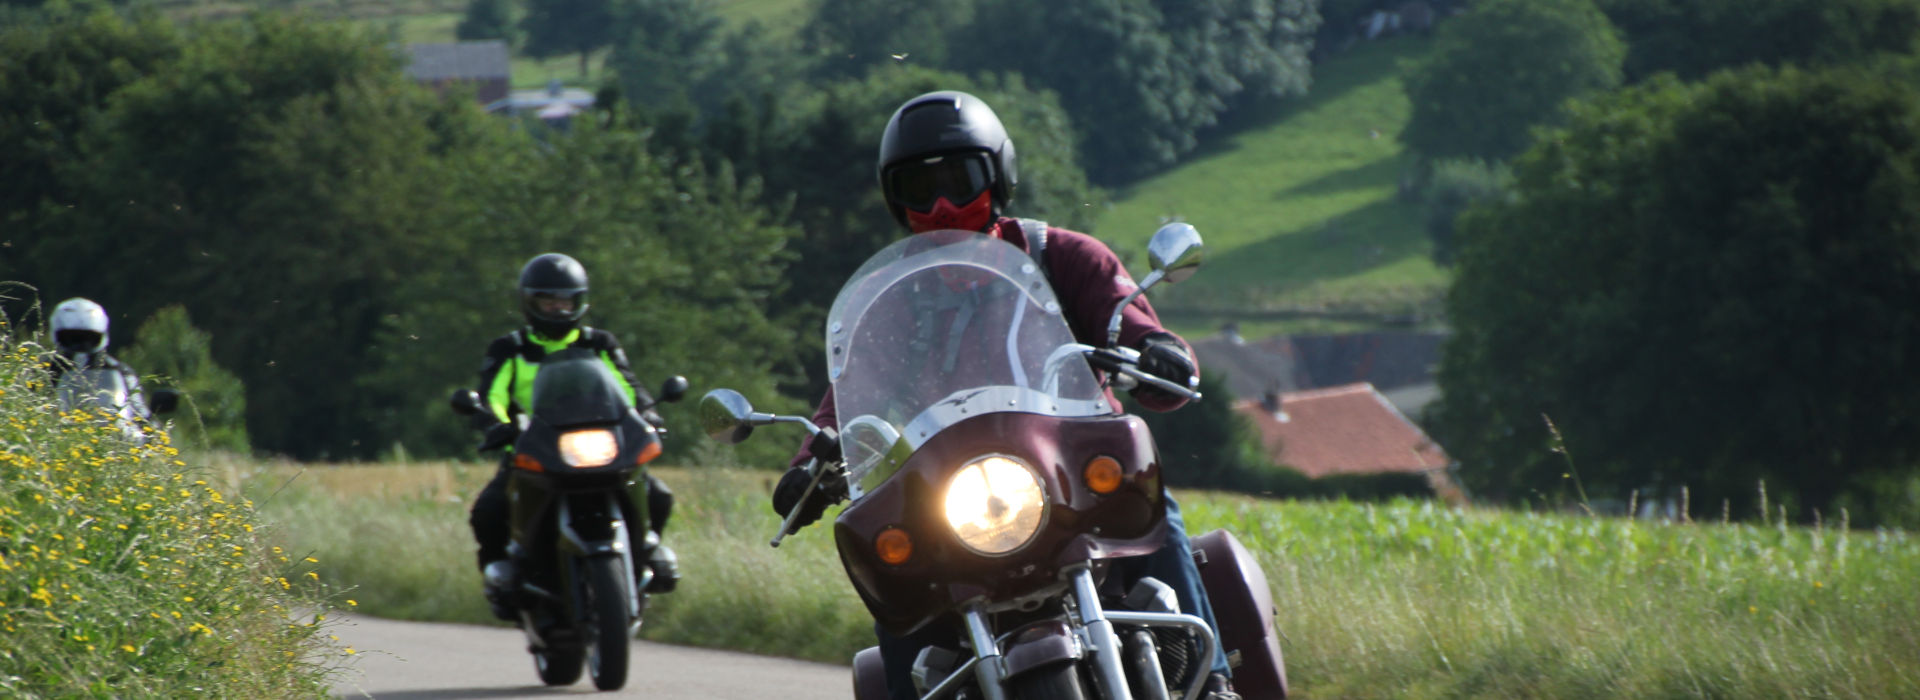 Motorrijbewijspoint Valburg snel motorrijbewijs halen